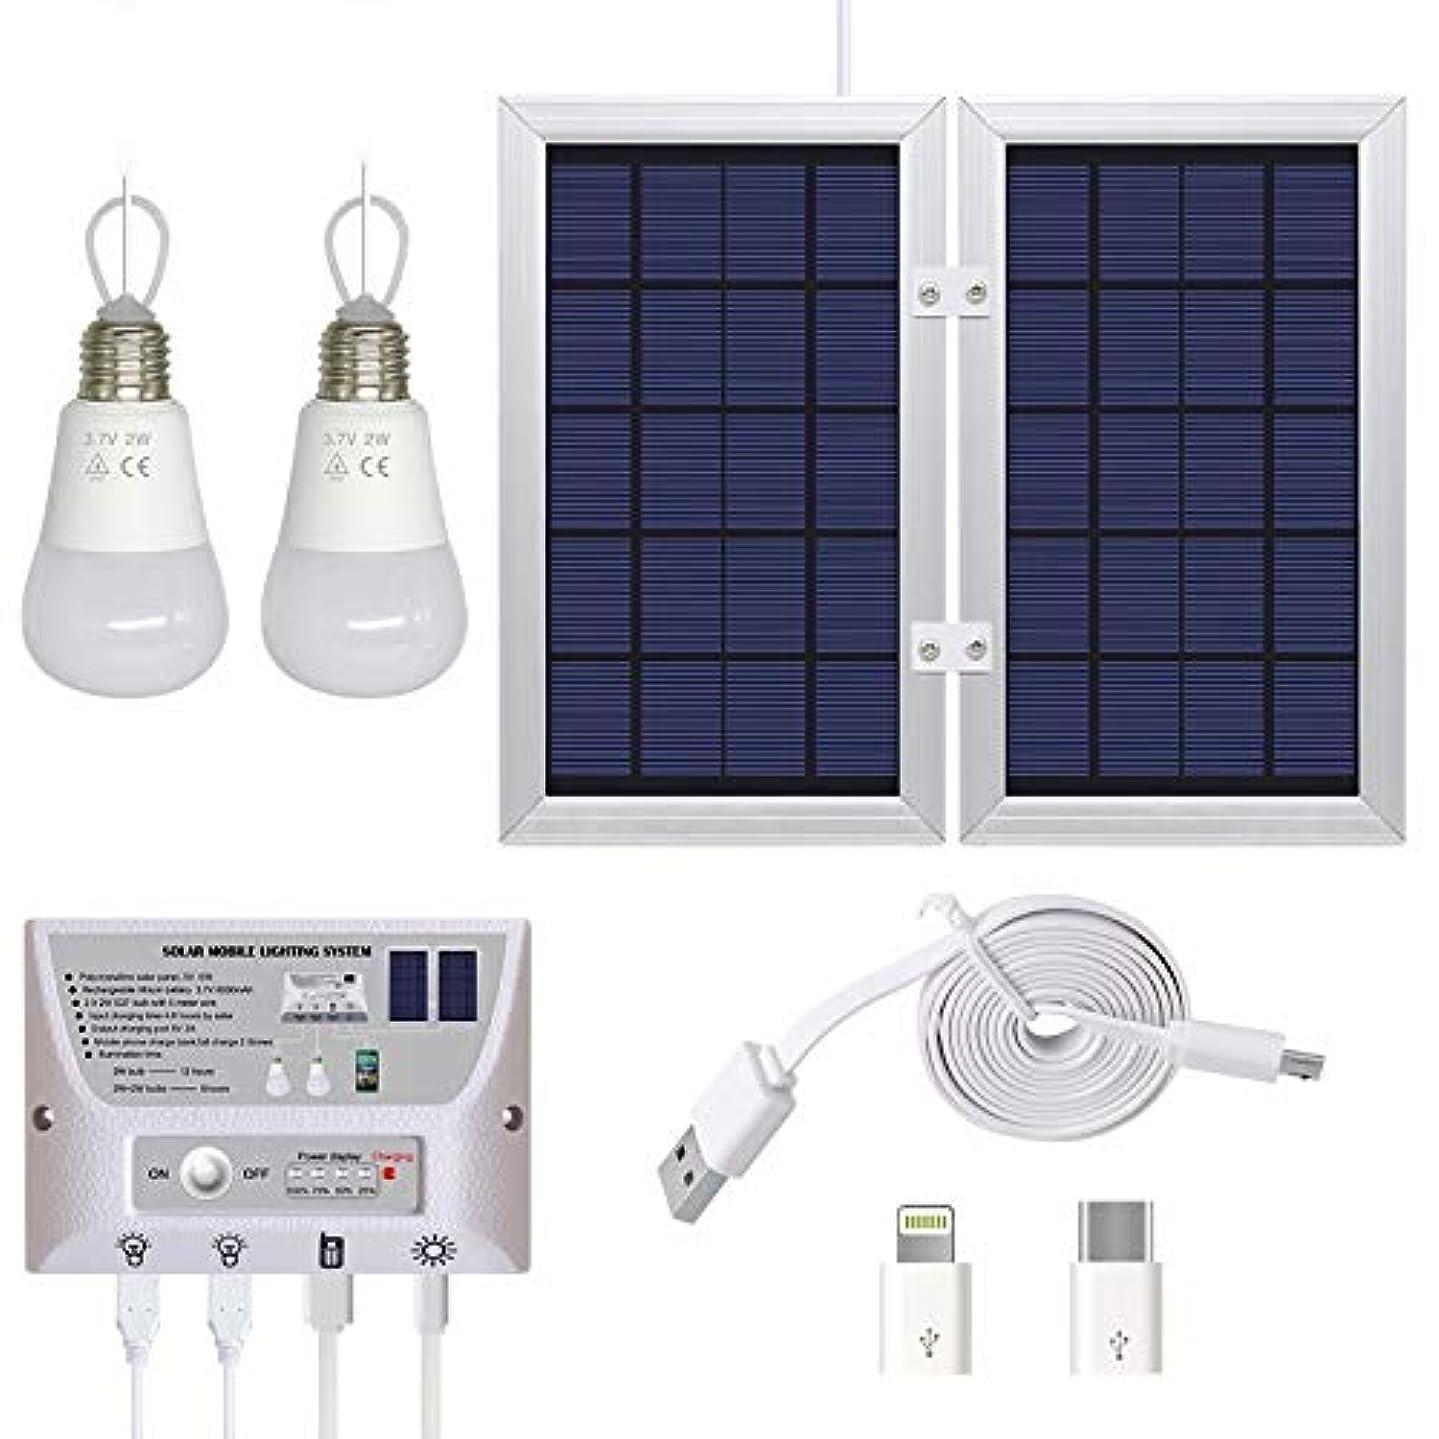 内側シェルター花輪LYgMV ソーラーライト屋外用モーションセンサーライト、高効率ソーラーパネル付き、防水IP65、広い照射角、設置が簡単、キャンプ用、緊急用、中庭、携帯用照明